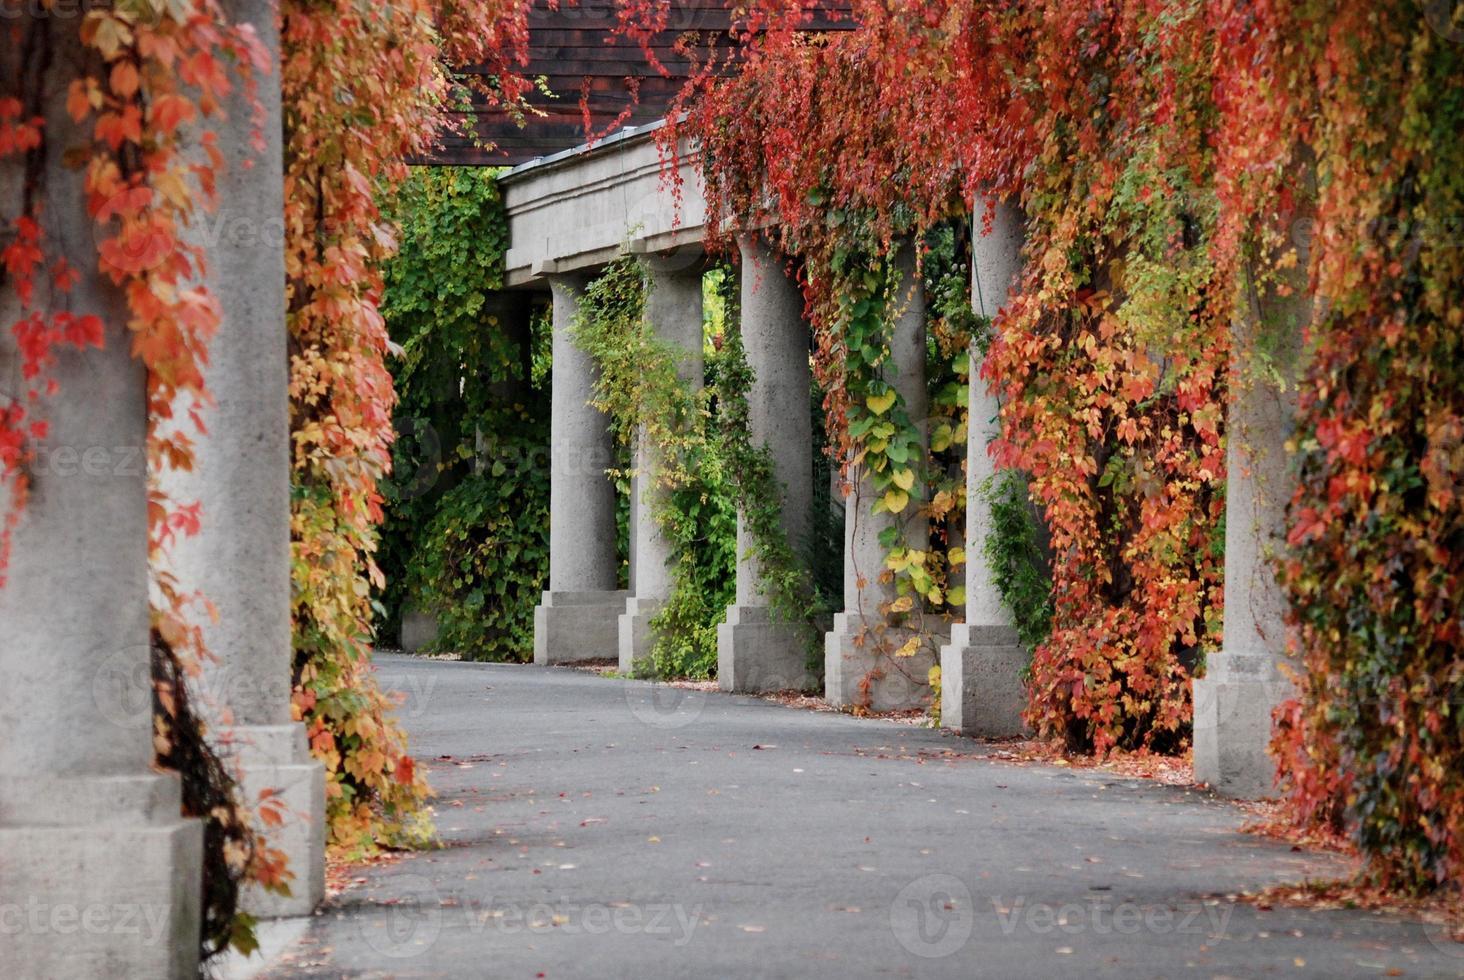 automne dans le parc photo